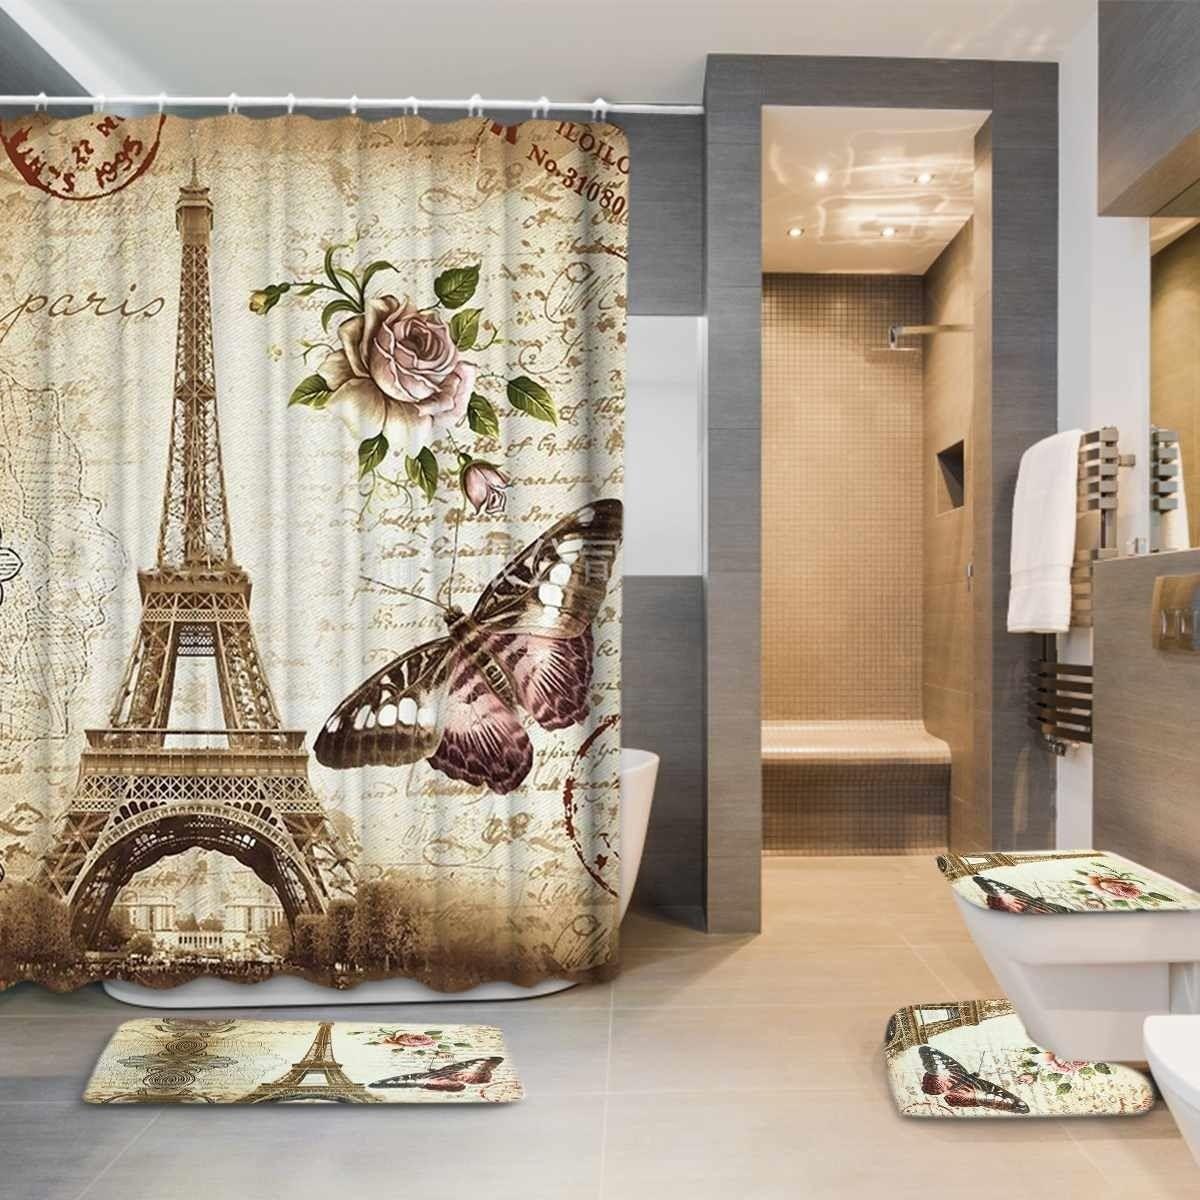 Eiffel Paris Landschaftsdrucken Badezimmer Duschvorhang Set Wasserdicht Anti Slip Sockel Teppich Decke Deckel WC-Abdeckung Bad MAT Set 201030